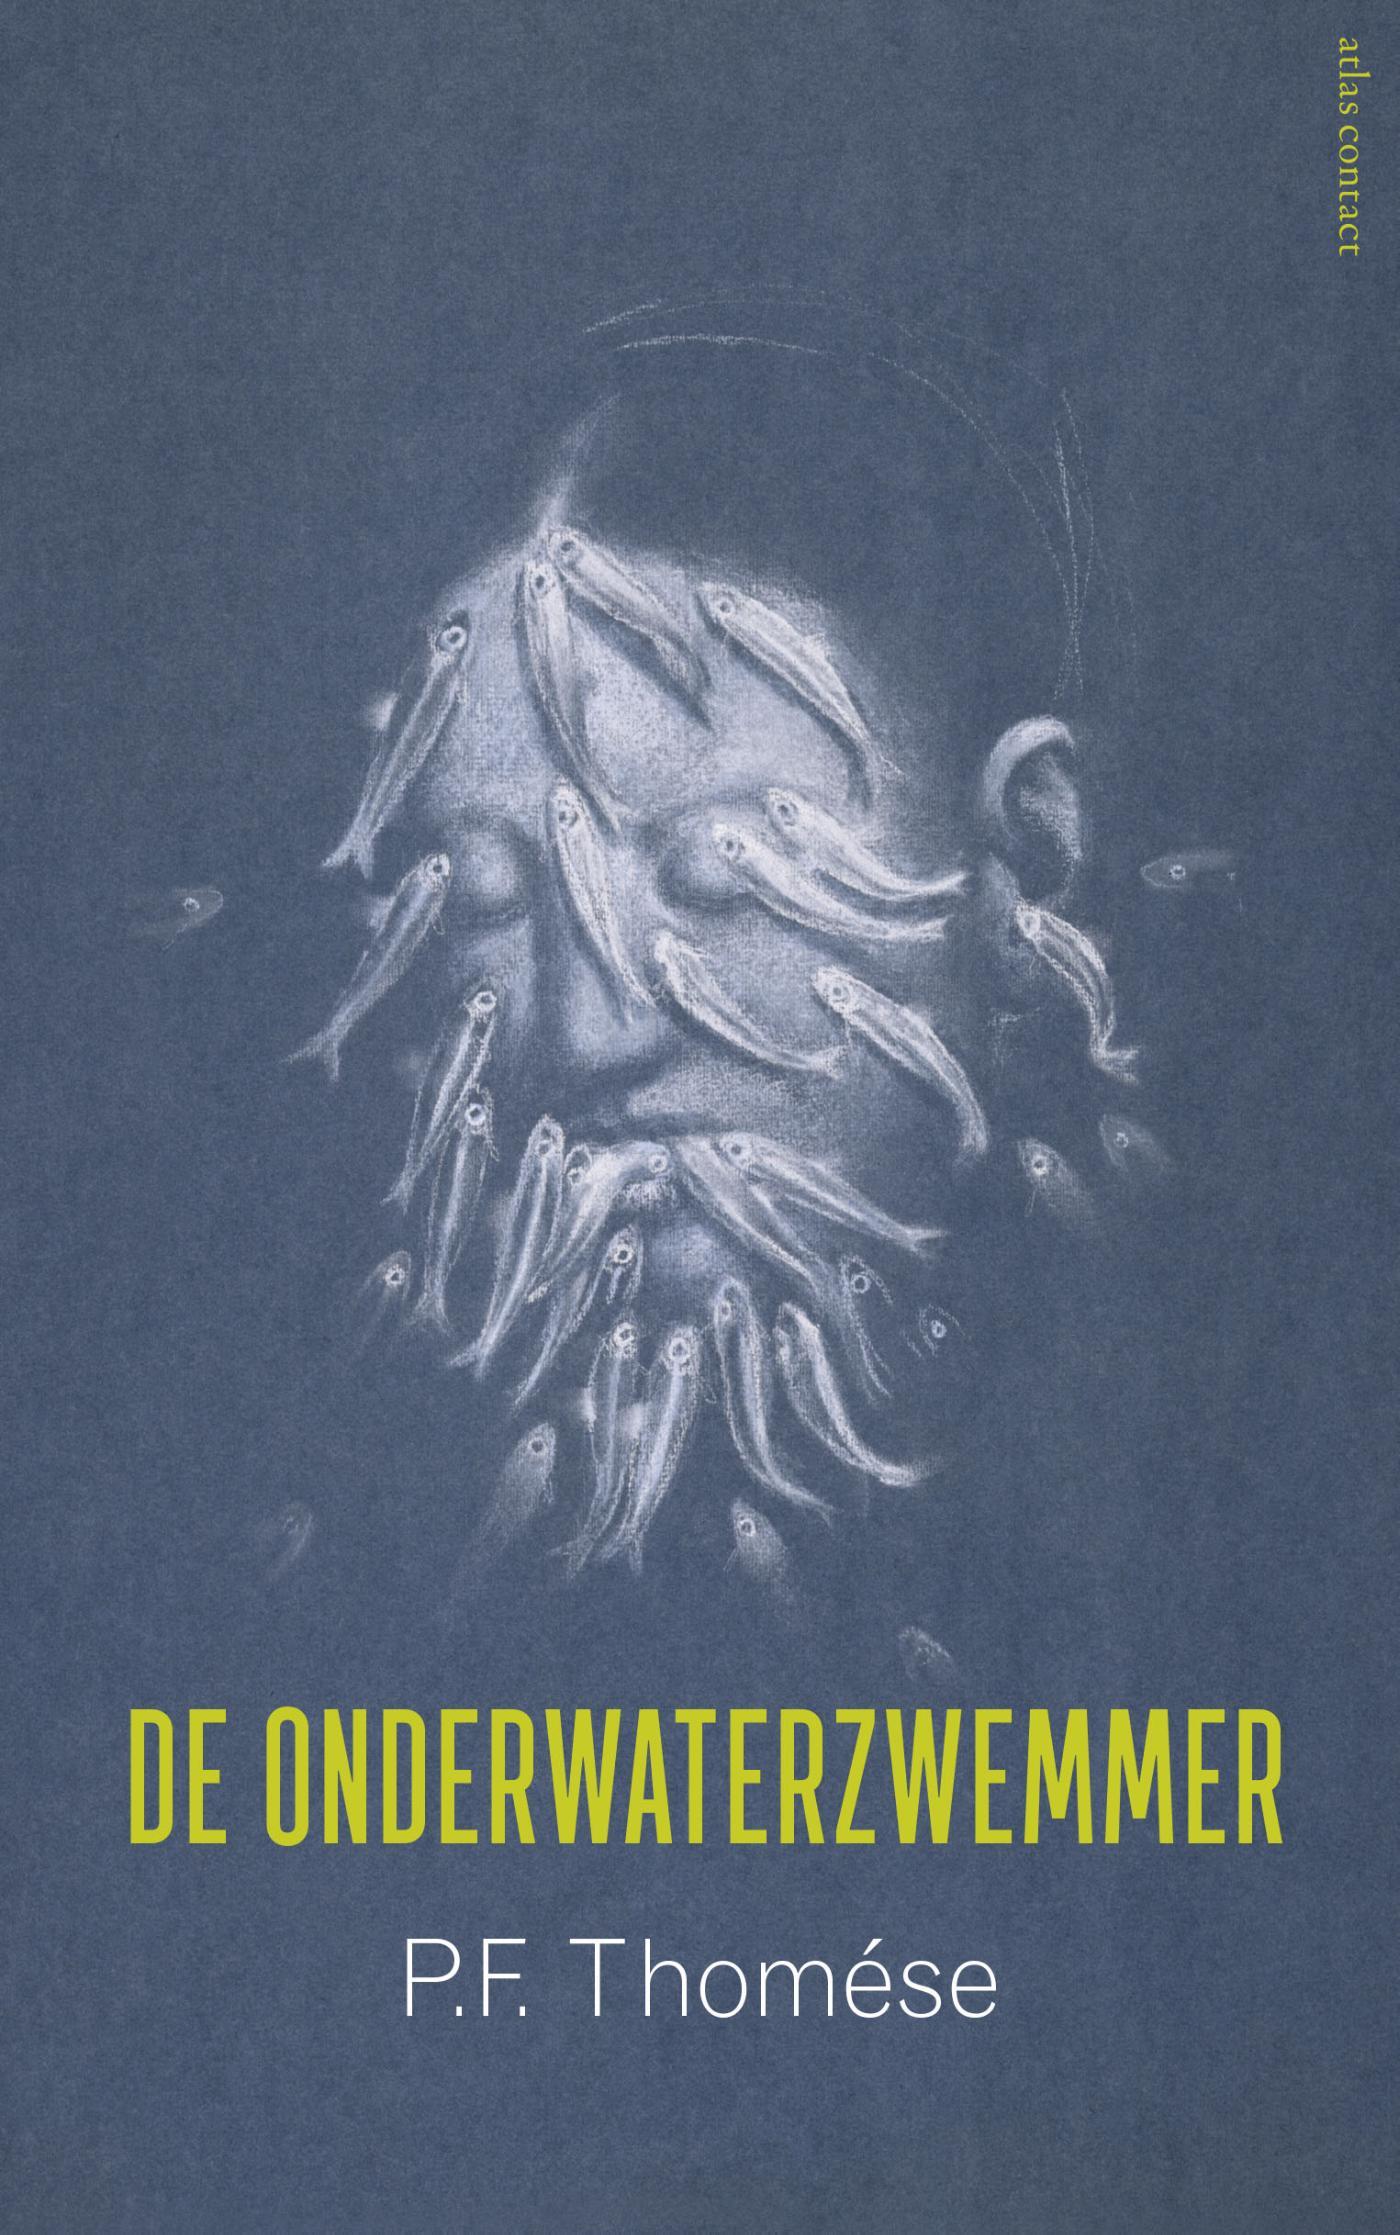 P.F. Thomése - De onderwaterzwemmer